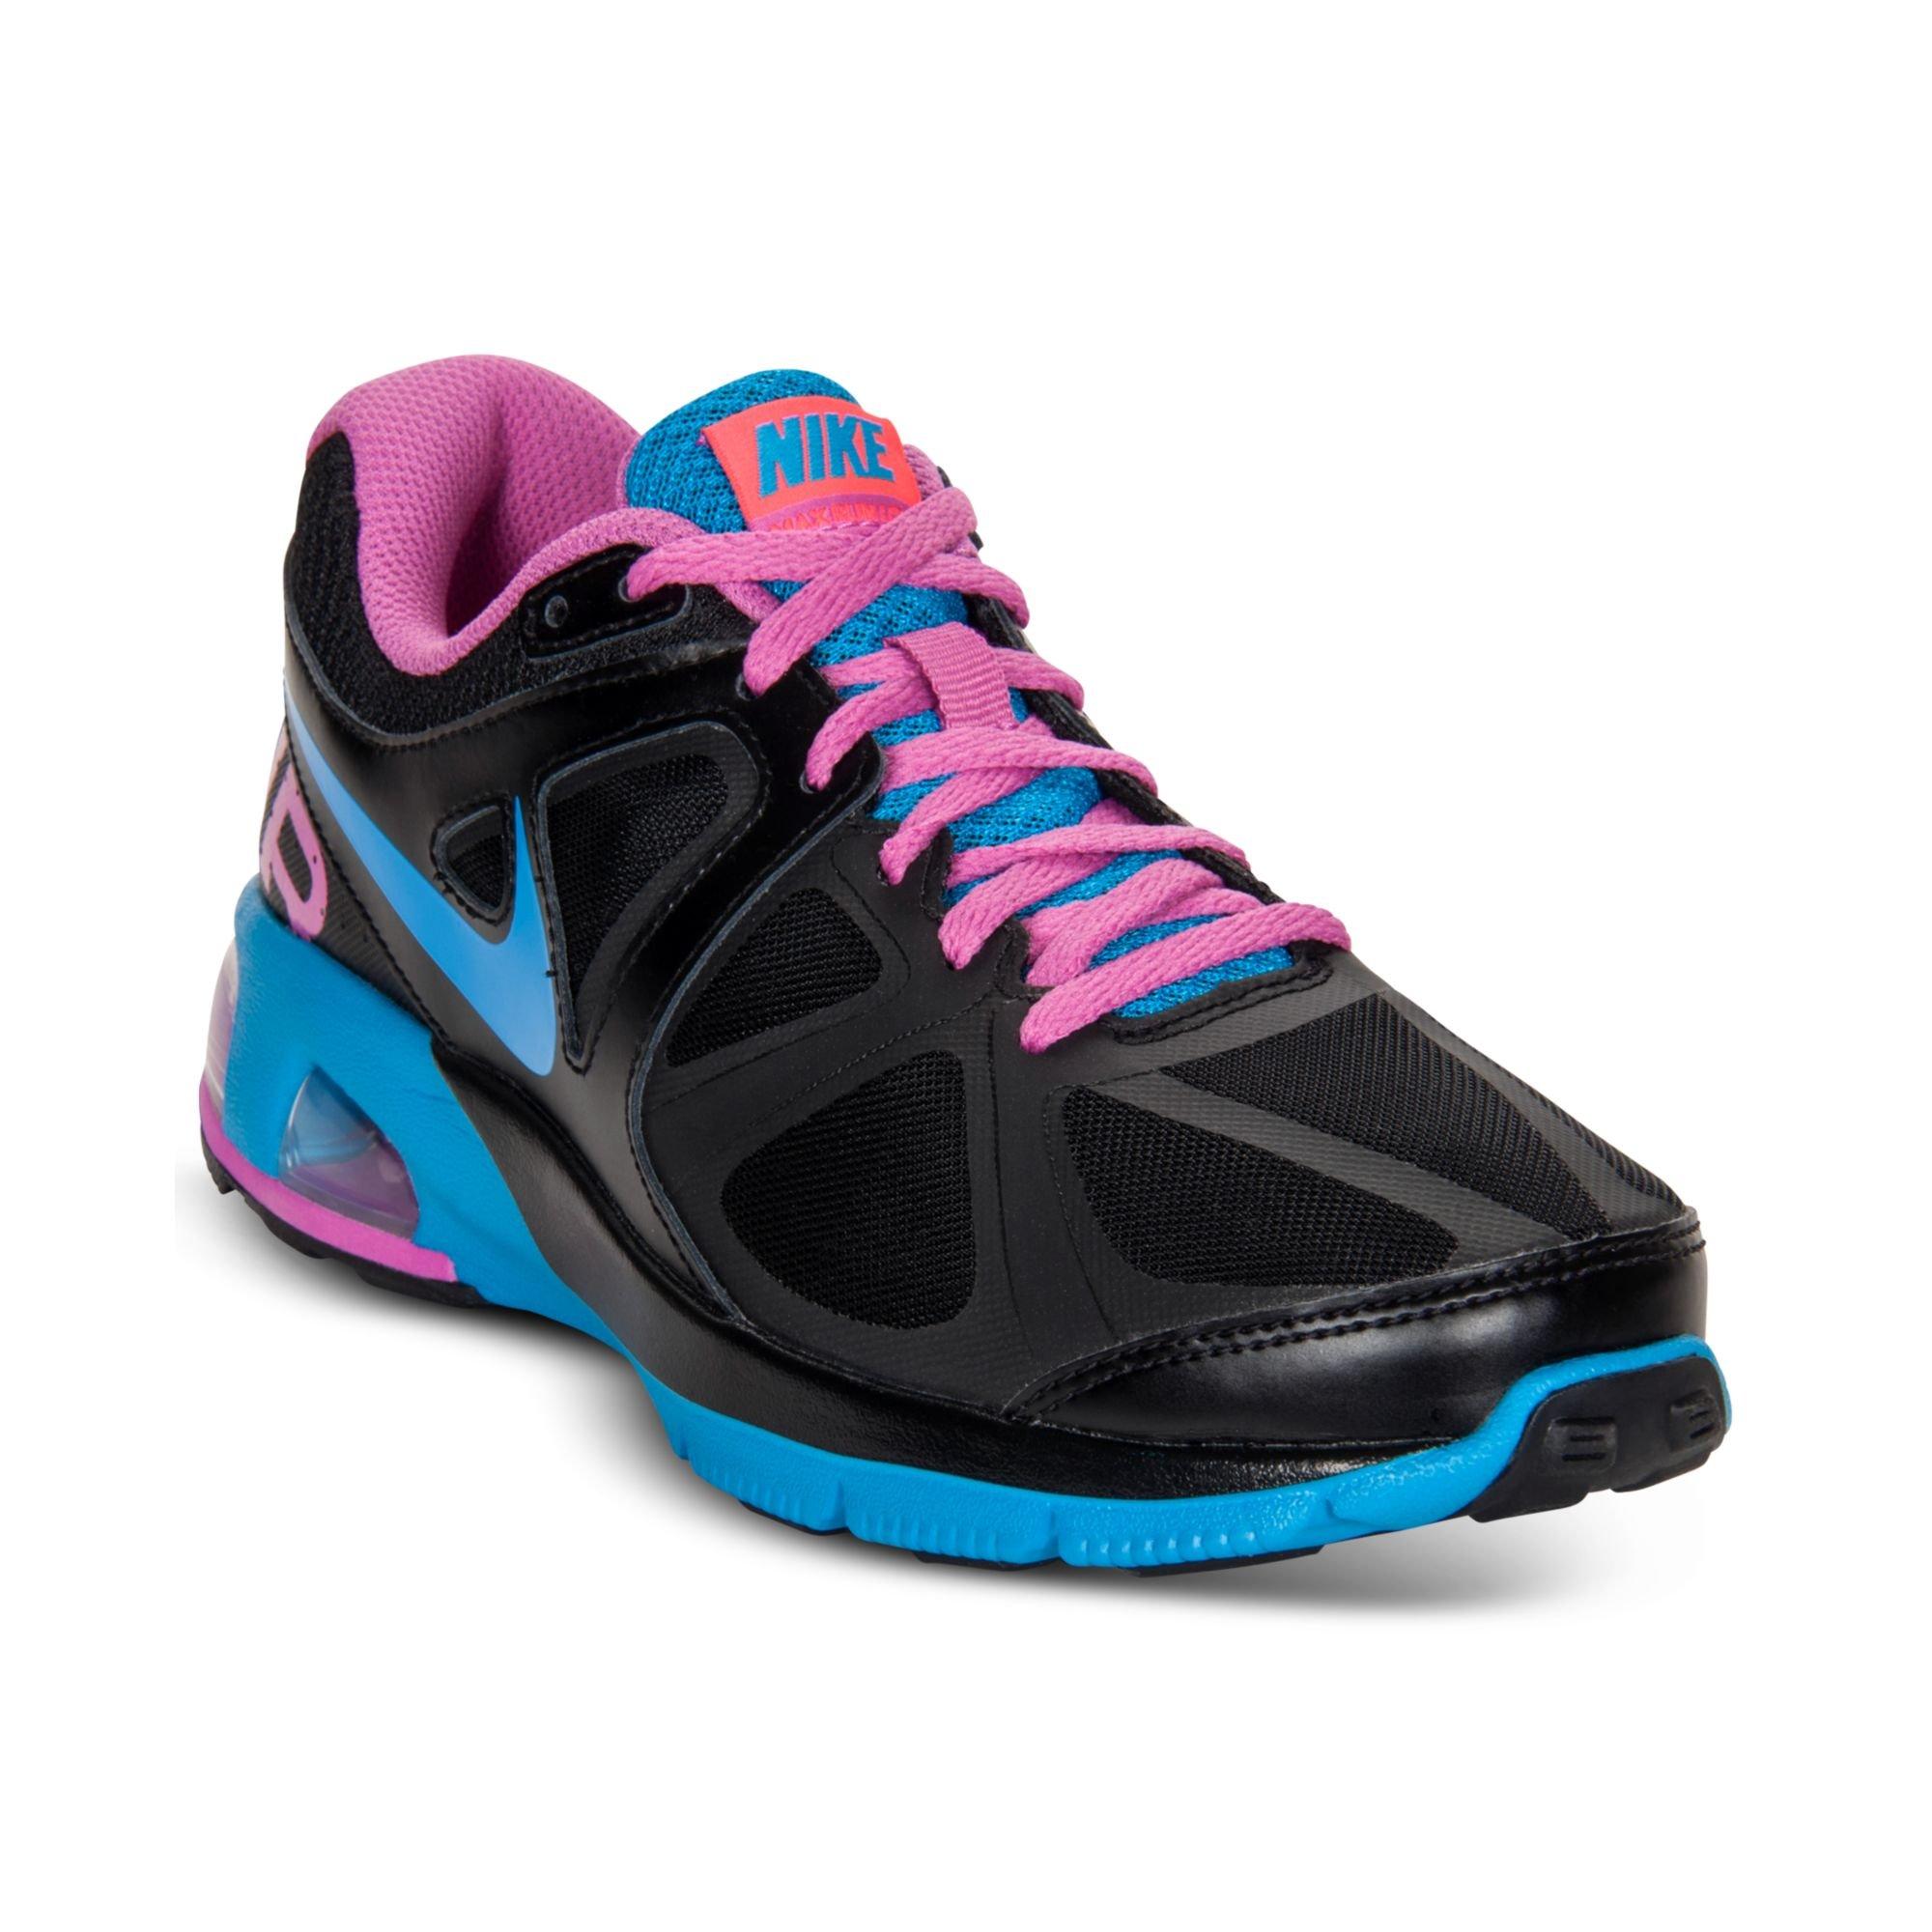 Nike Air Max Run Lite 5 Kohls